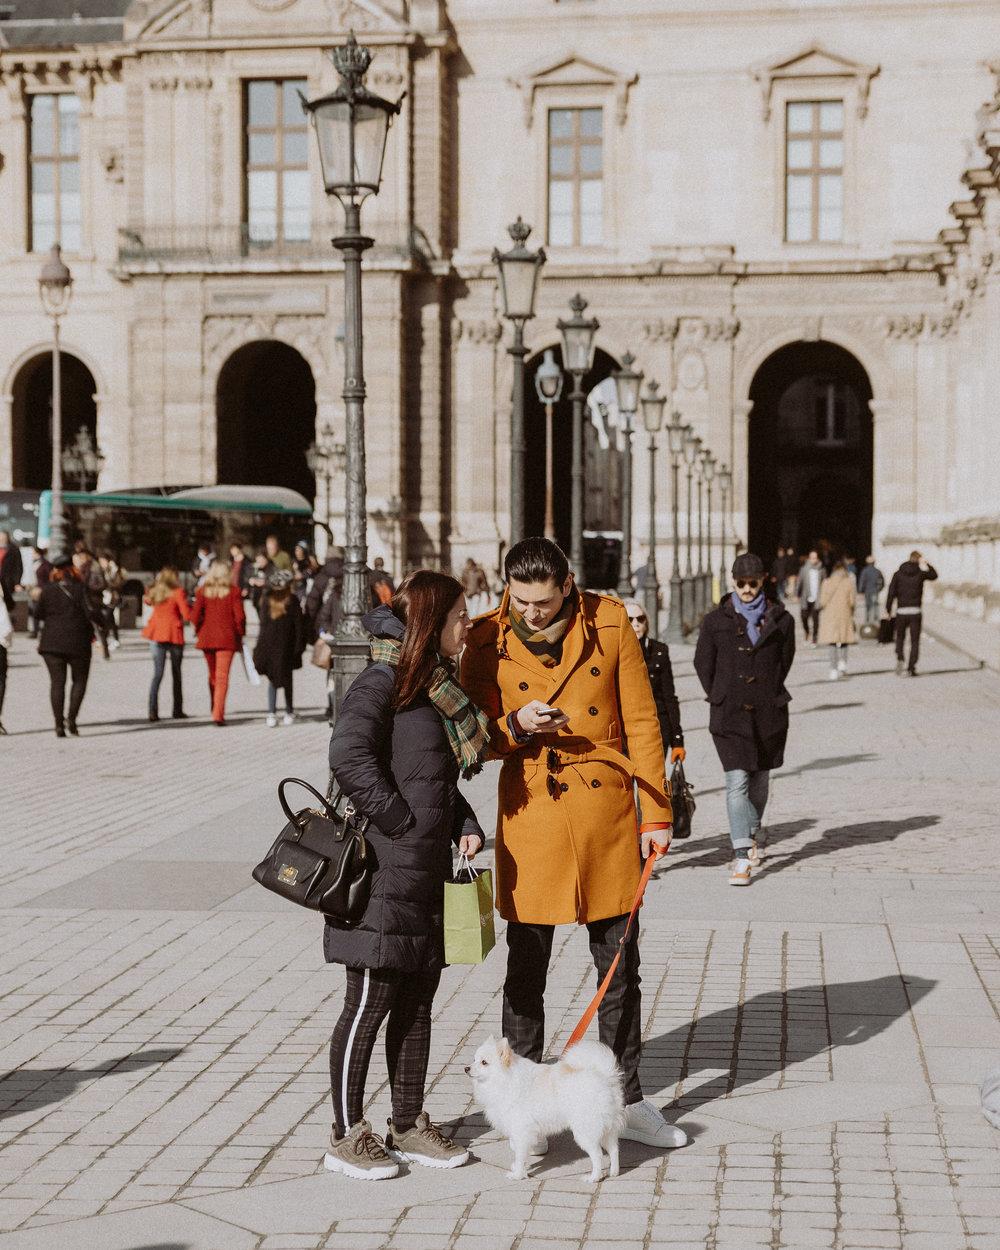 ParisPeople (18 of 19).jpg